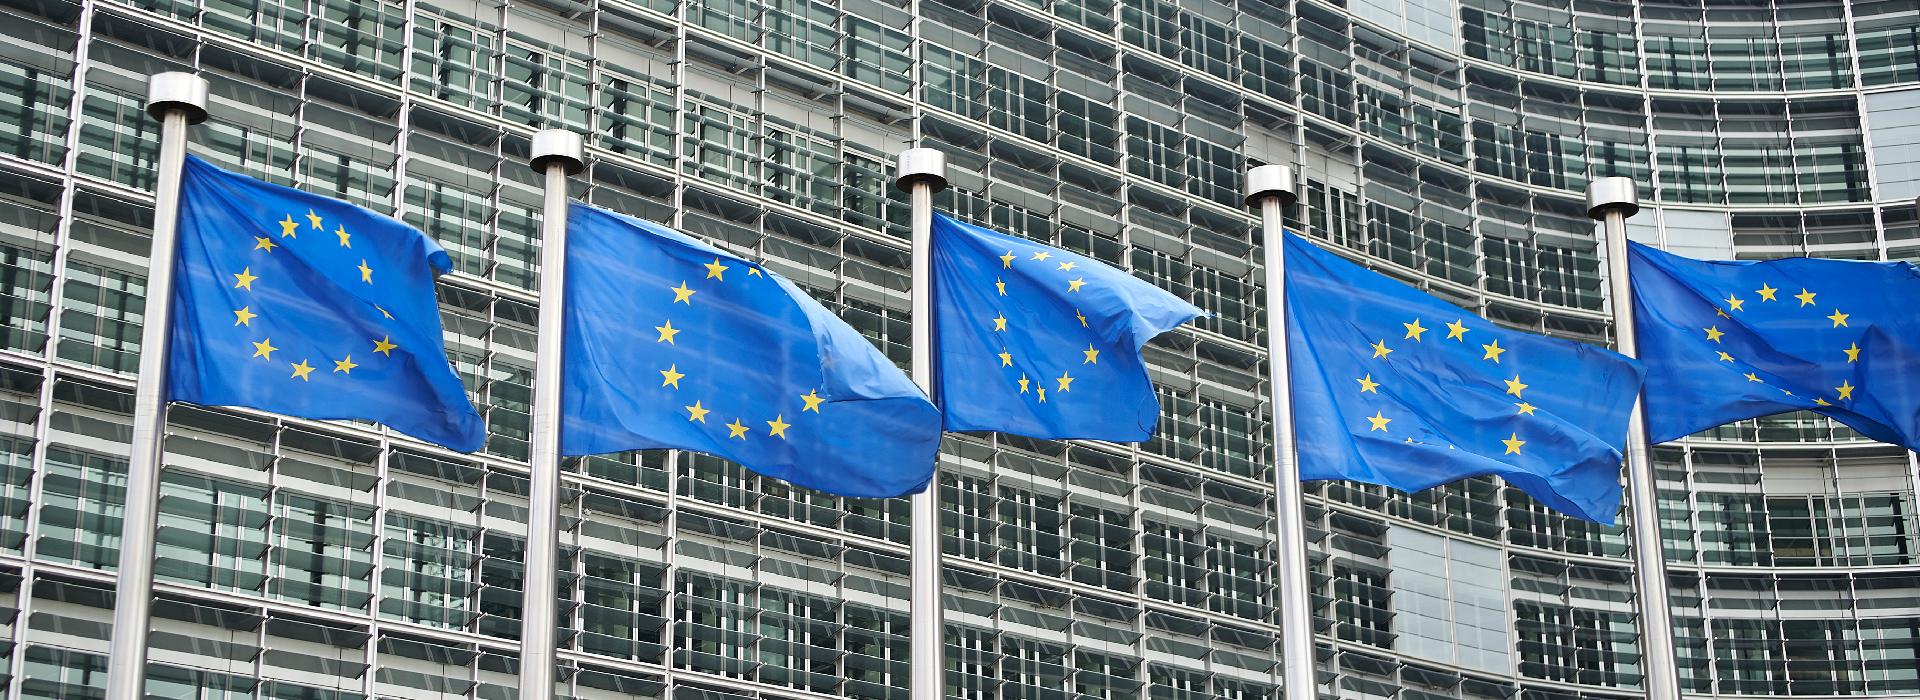 Unión Europea 2022